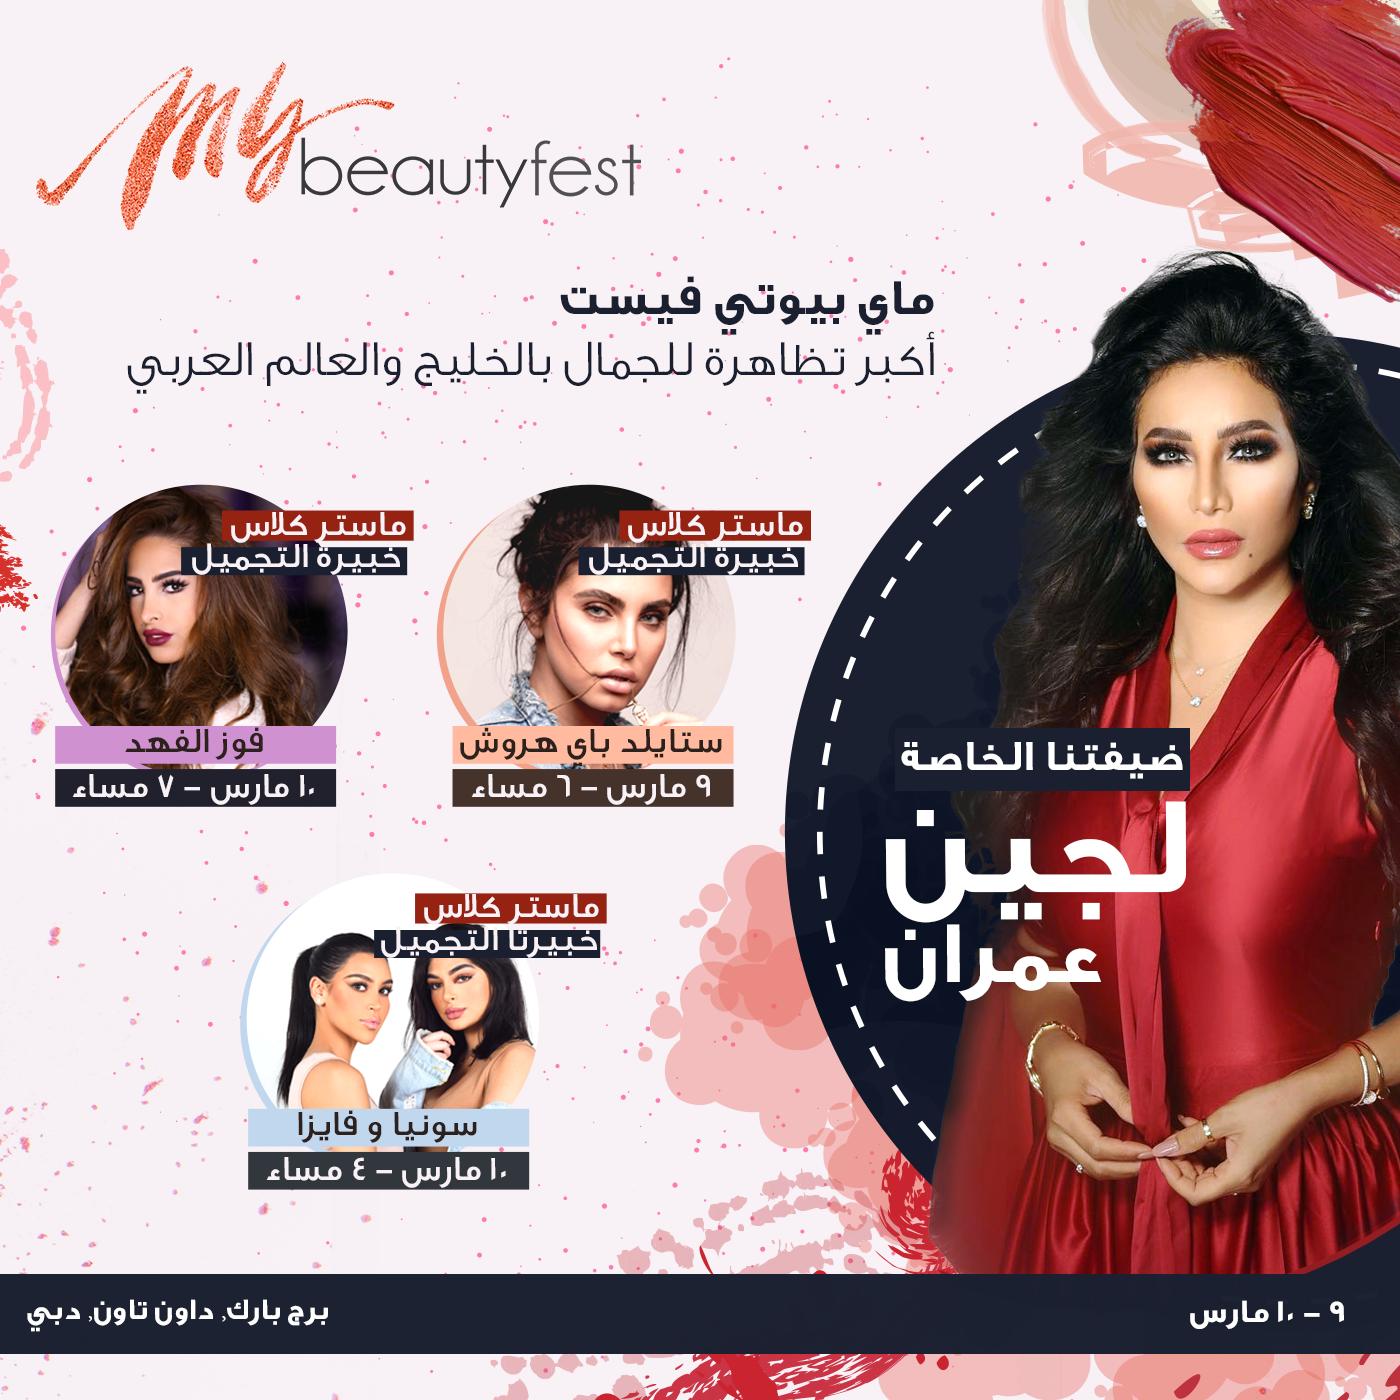 """""""ماي بيوتي فيست"""" أبرز فعالية جمالية في دبي تنطلق الجمعة"""